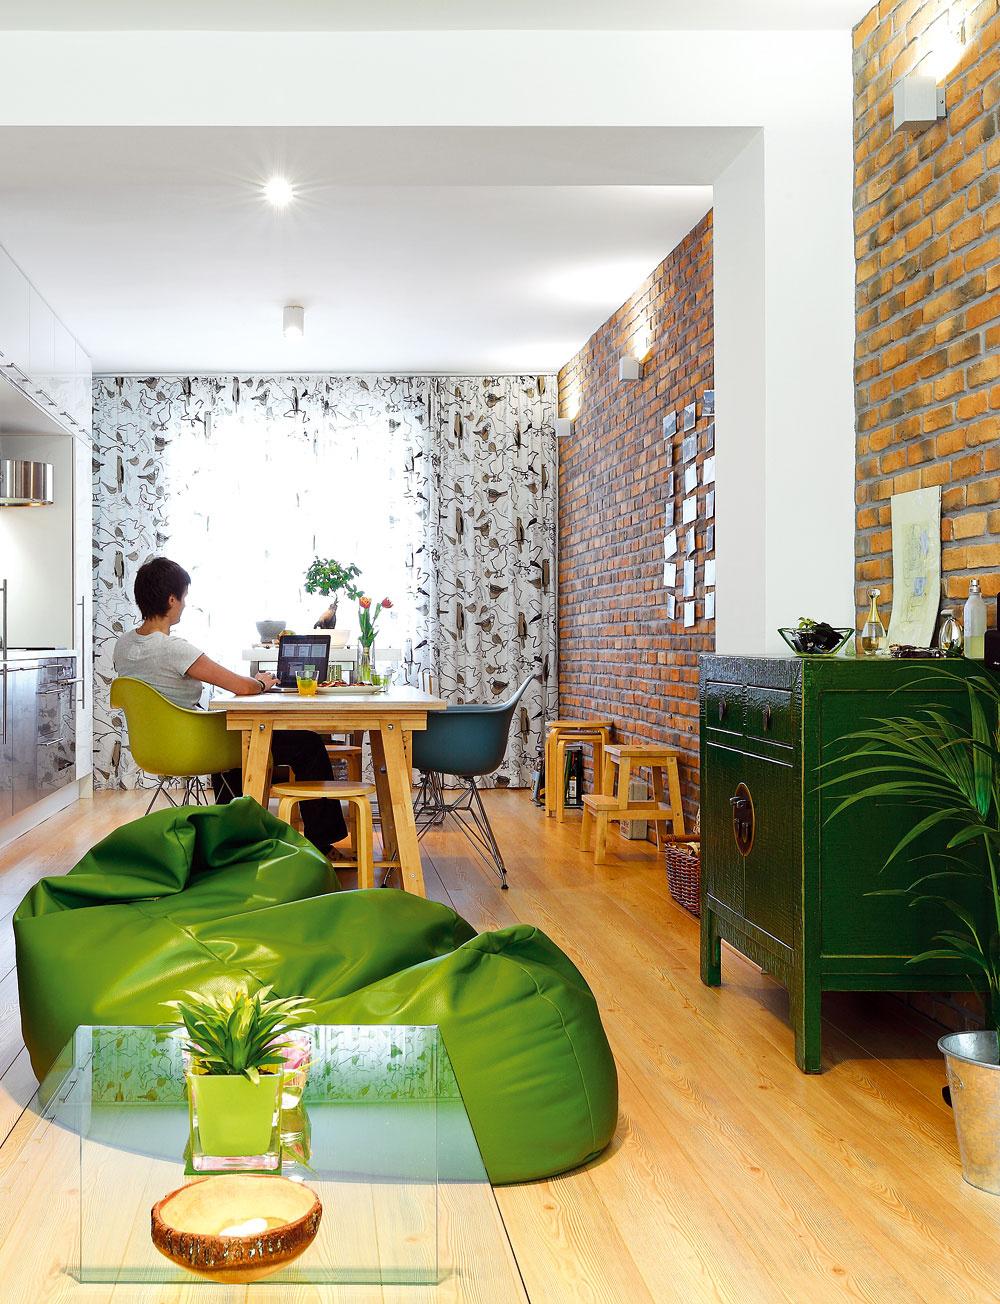 Zelená skrinka vduchu orientálneho nábytku bola prvým kusom nábytku vbyte, ktorý si majiteľke kúpila. Vytvorila základ farebného riešenia asvojím charakterom odľahčuje strohosť moderného interiéru.